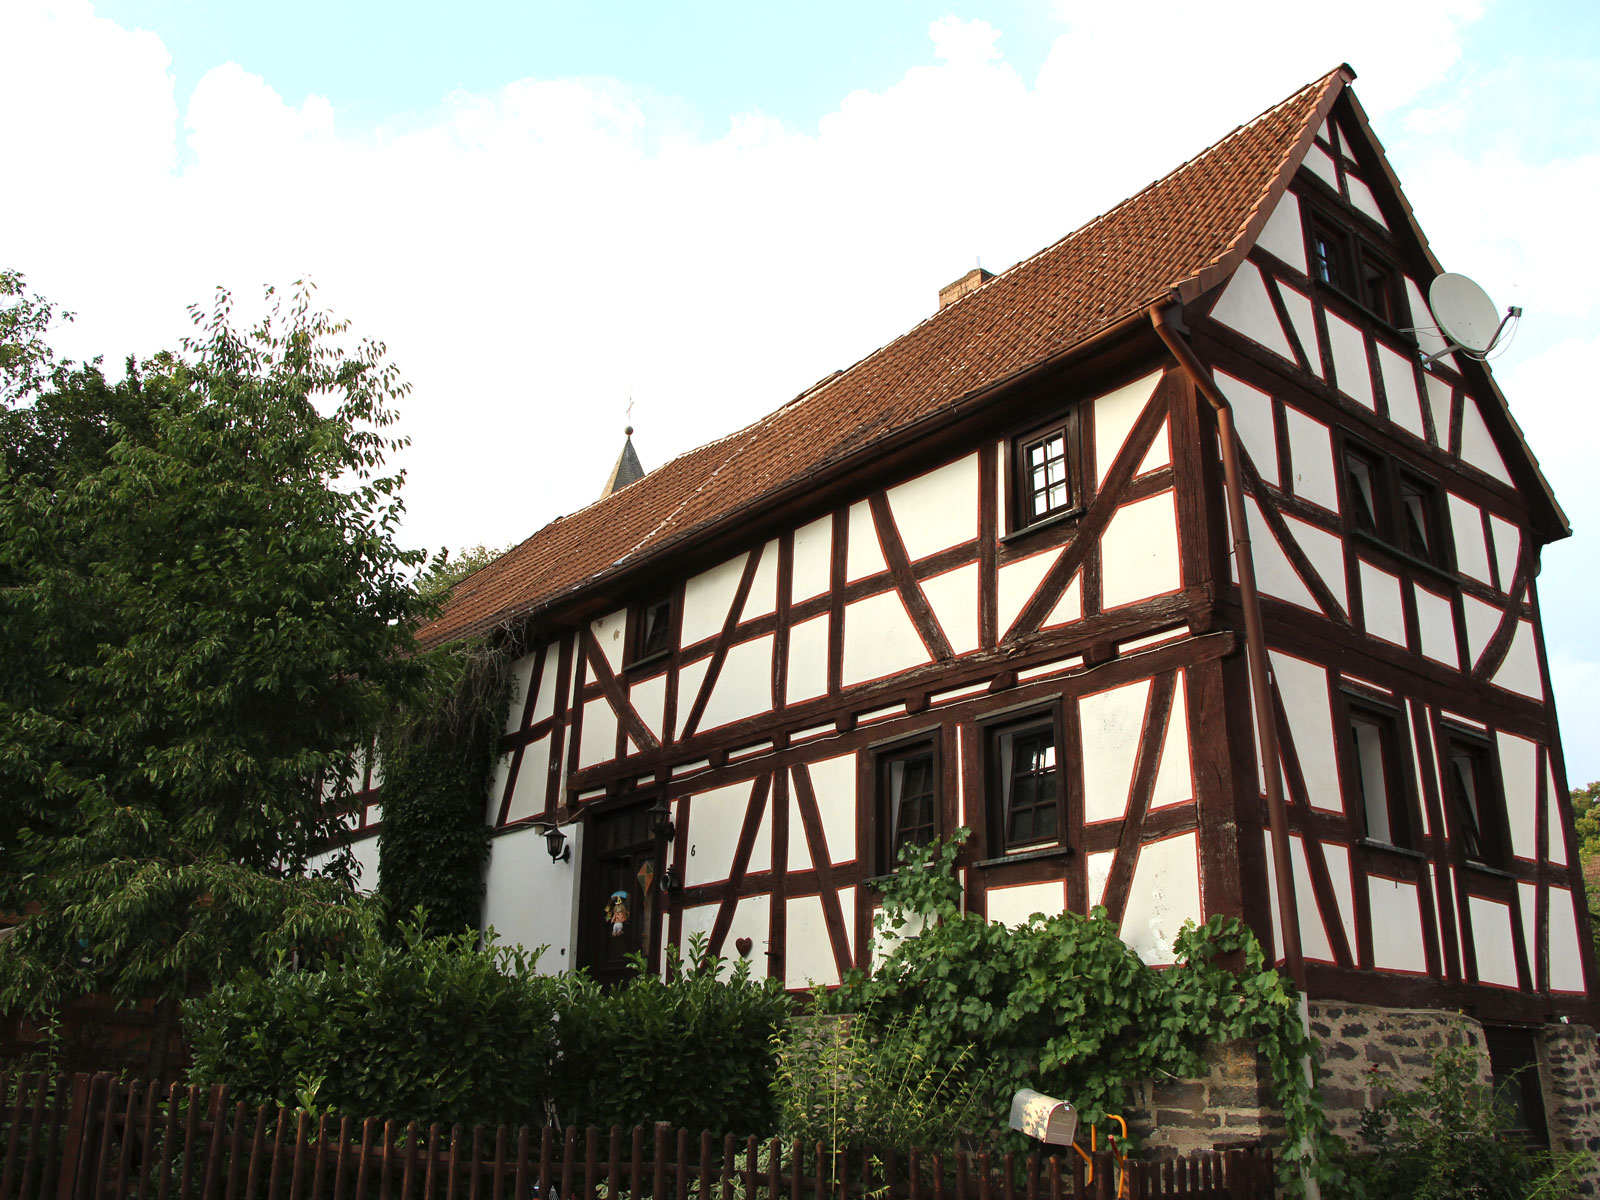 Denkmalgeschütztes Fachwekhaus Hauptstraße 6, Gonterskirchen, Kulturdenkmäler Laubach